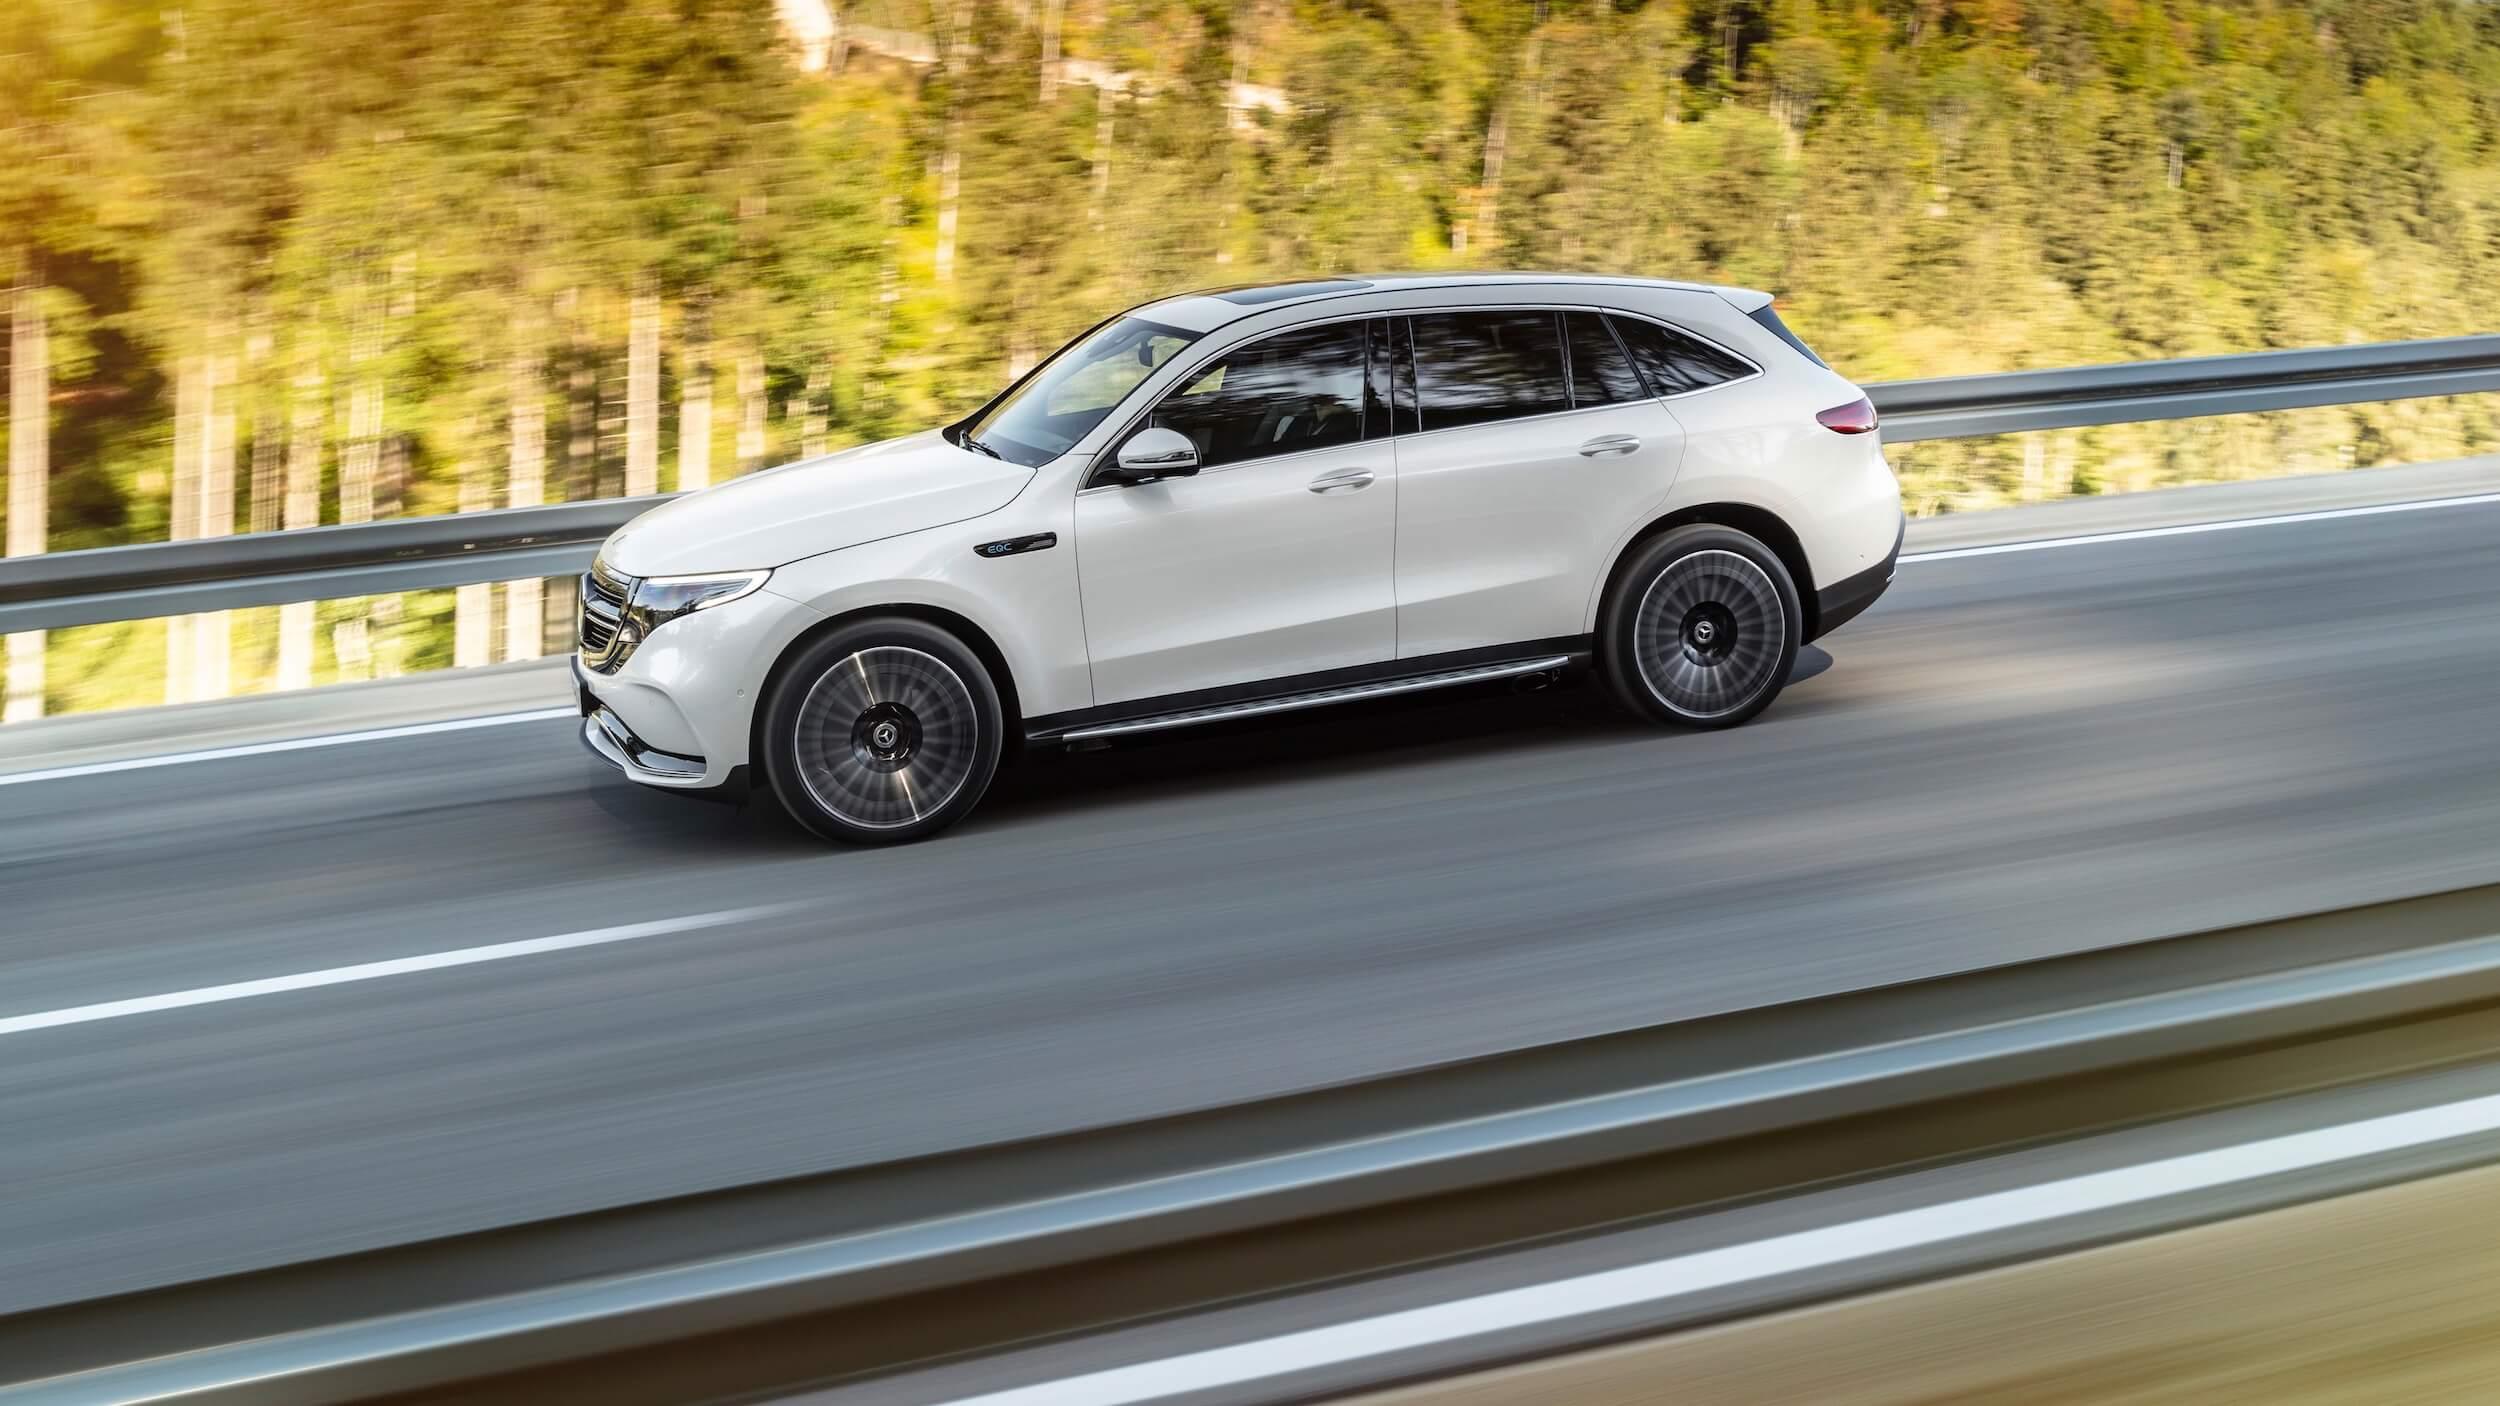 Mercedes EQC SUV elétrico